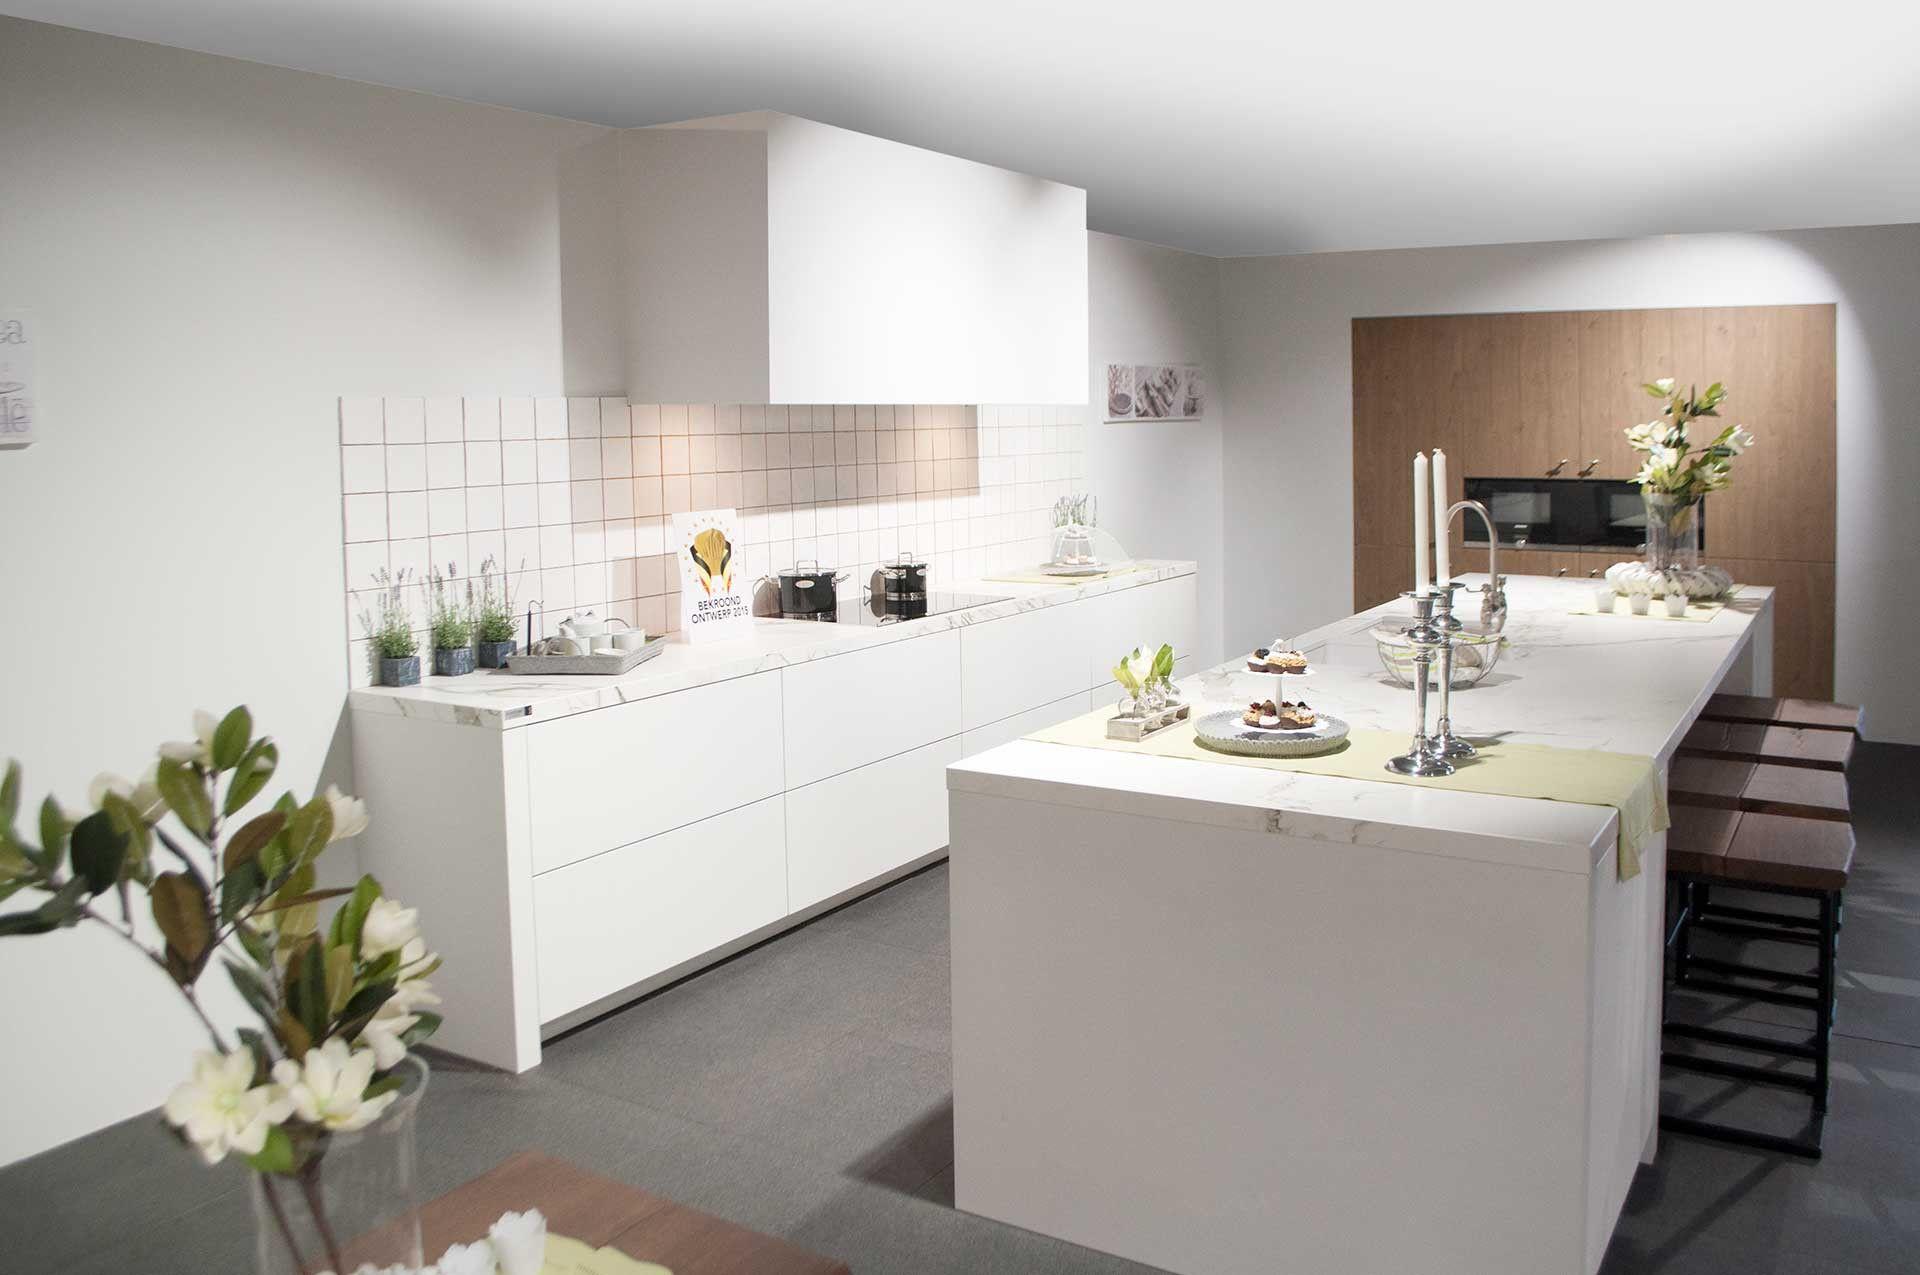 Landelijke witte keuken met marmeren werkblad deze keuken bezit moderne aspecten die nauw - Keuken witte lak ...